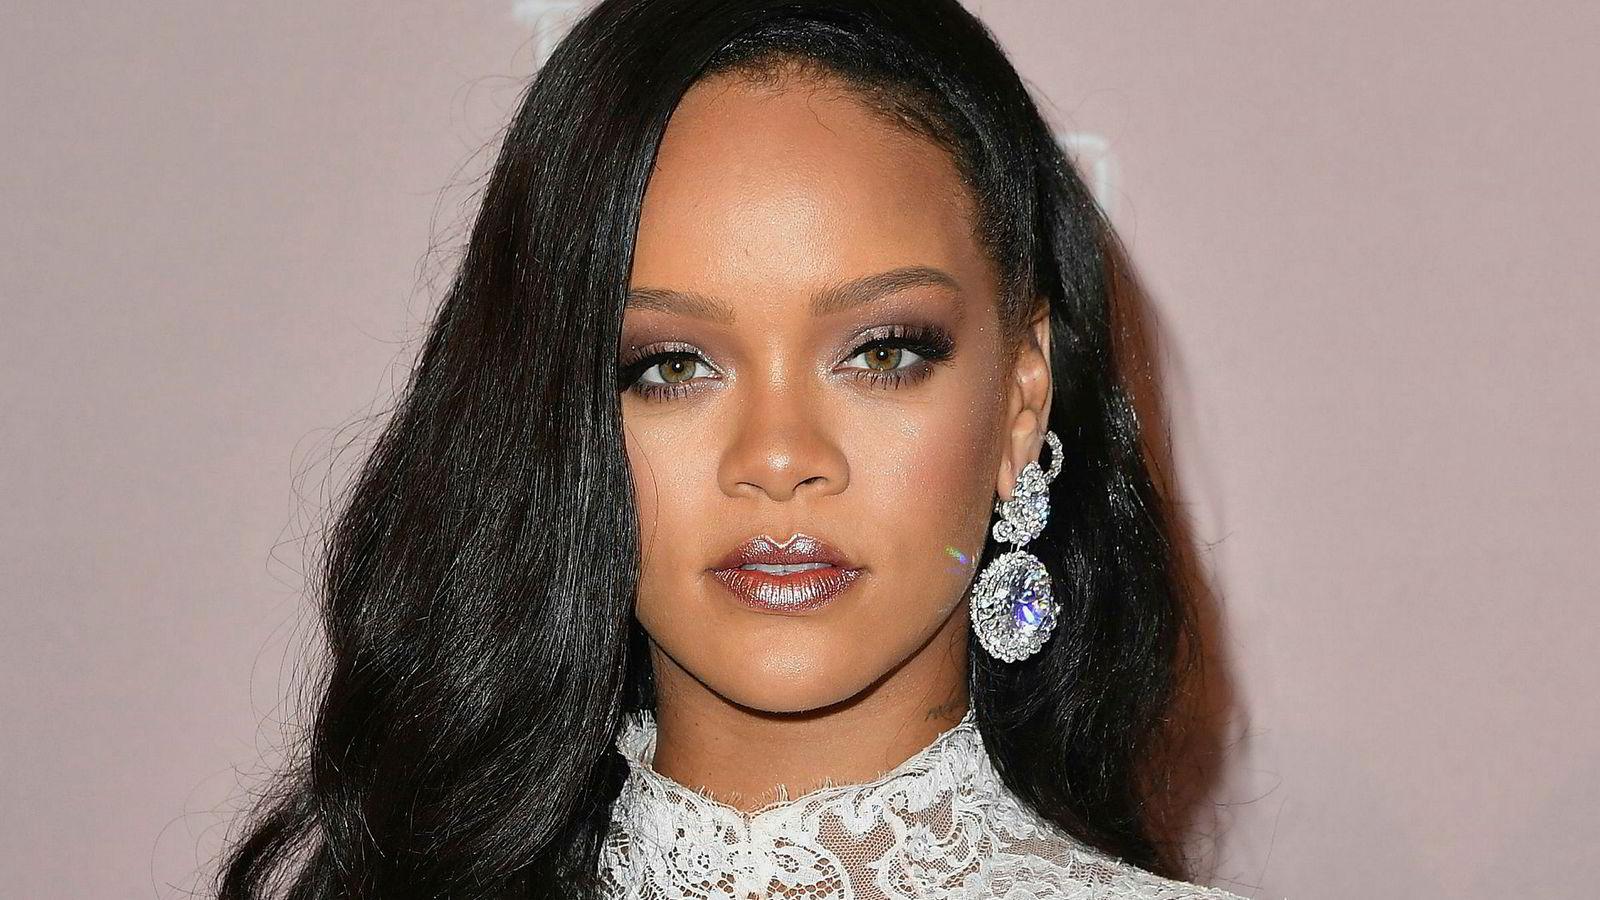 Rihanna kan nå smykke seg med tittelen verdens rikeste kvinnelige musiker.